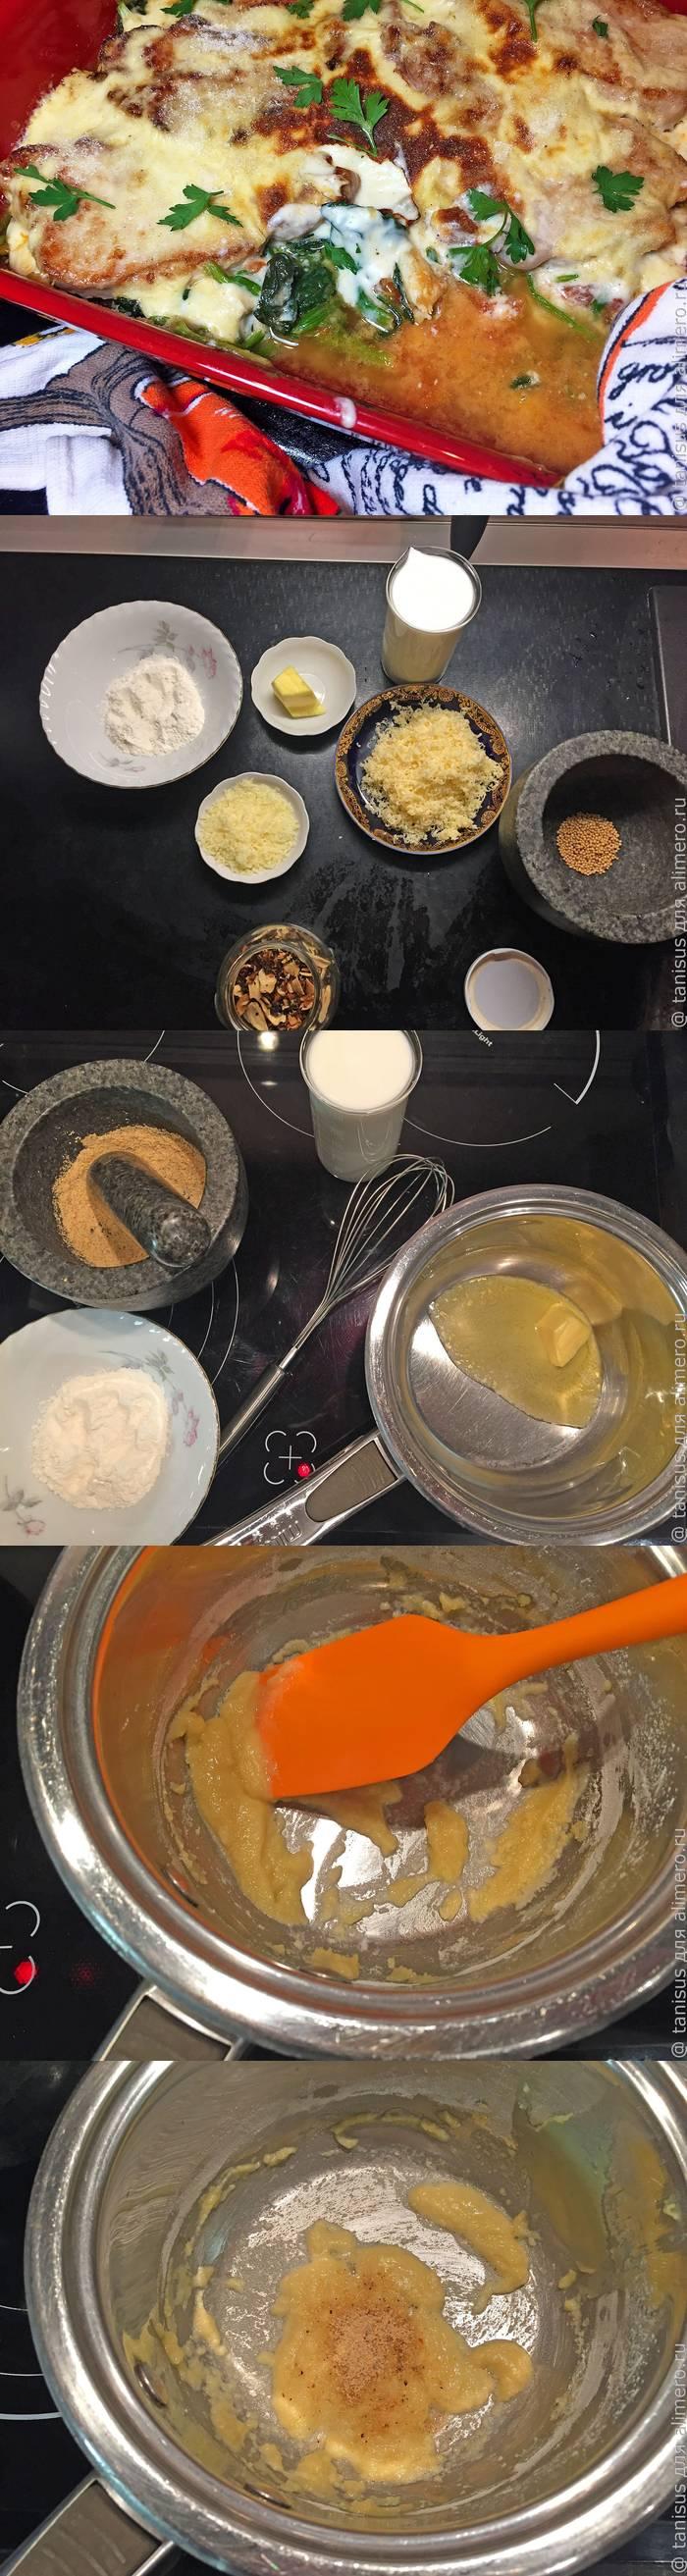 Сливочный сырный соус Морне или Морней